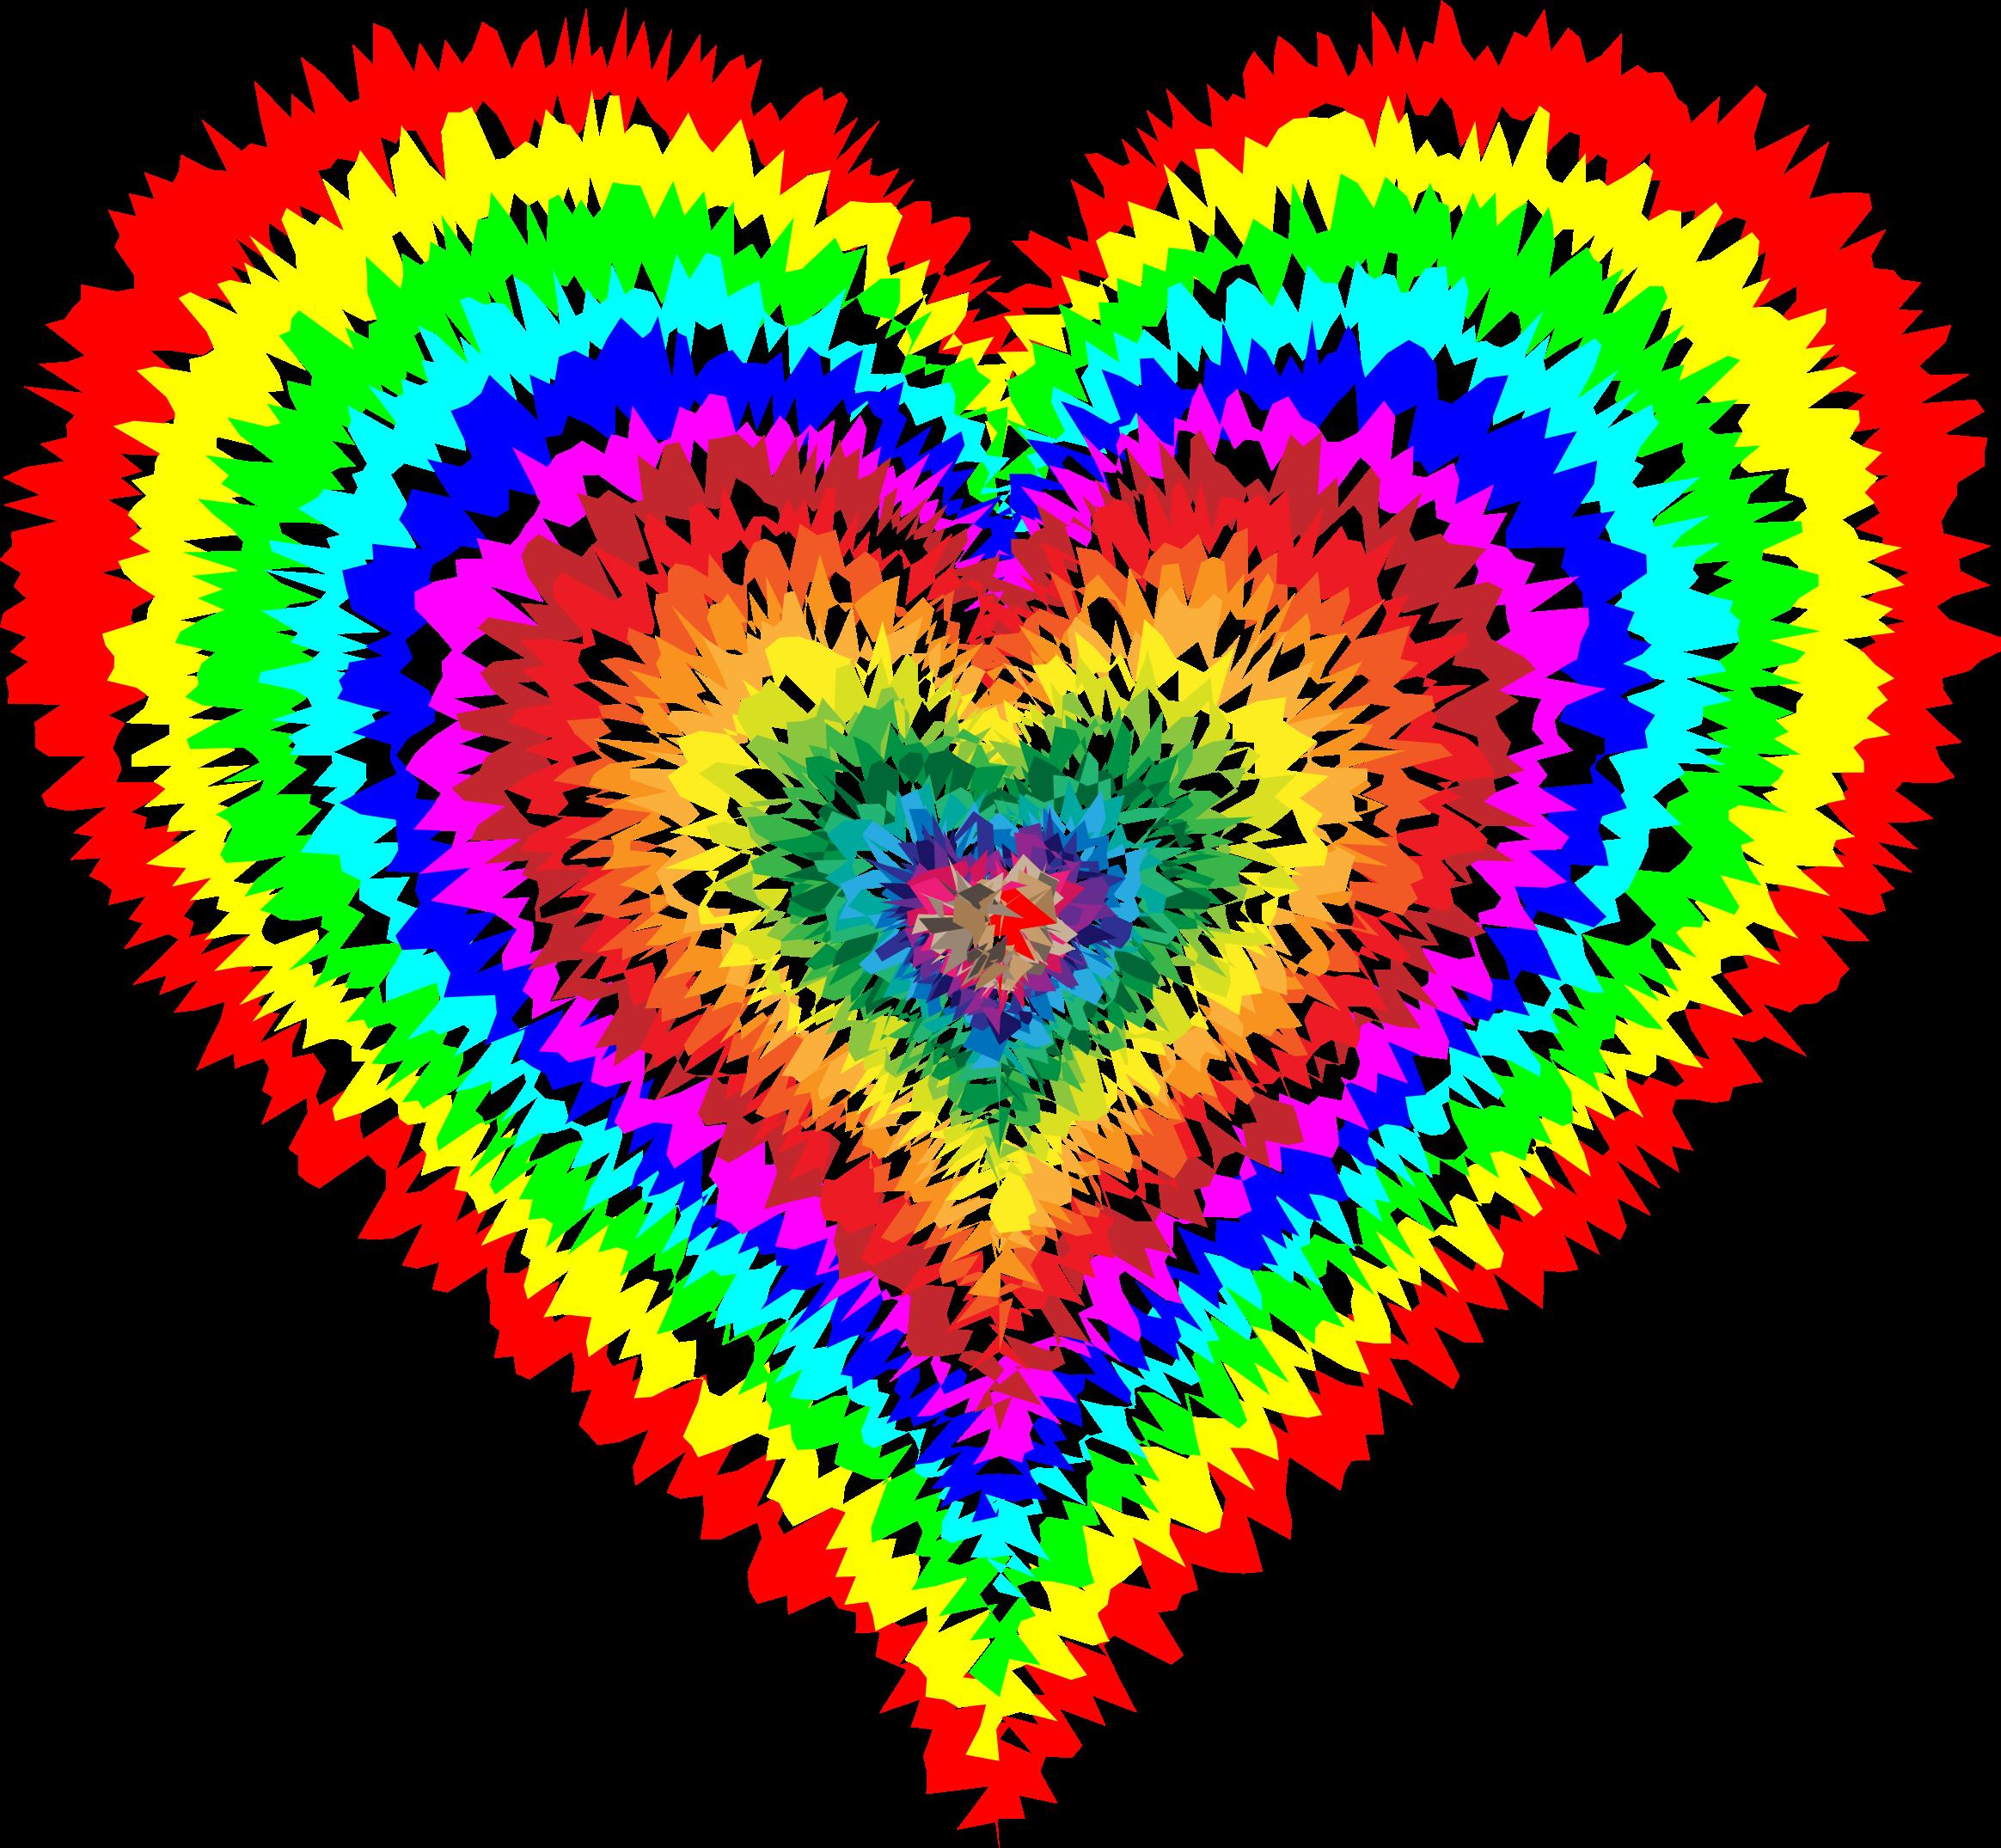 Clipart - Tie Dye Heart - Tie Dye PNG HD